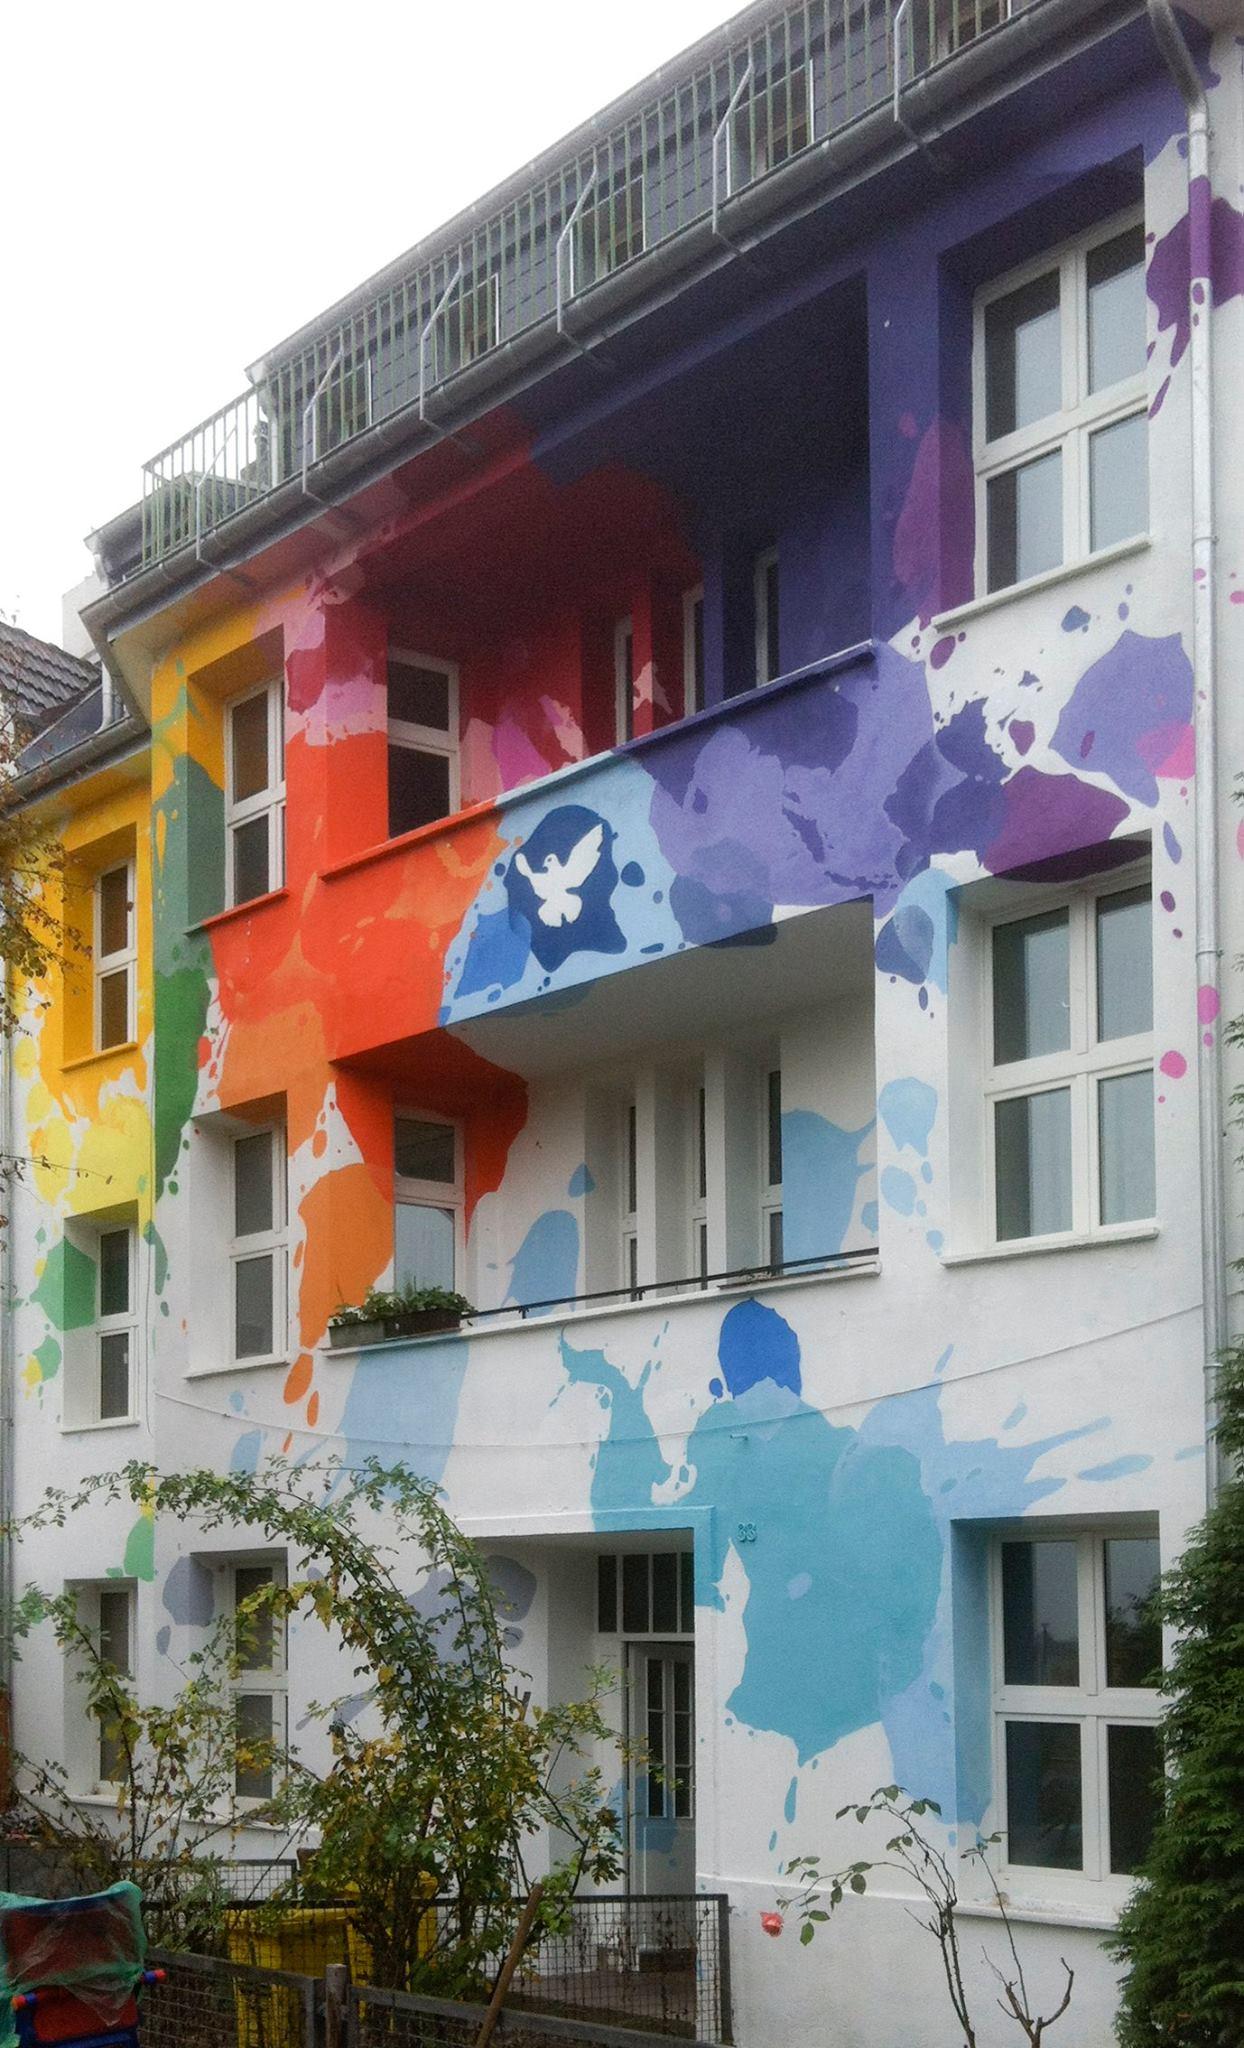 Foto: www.orig-ami.de